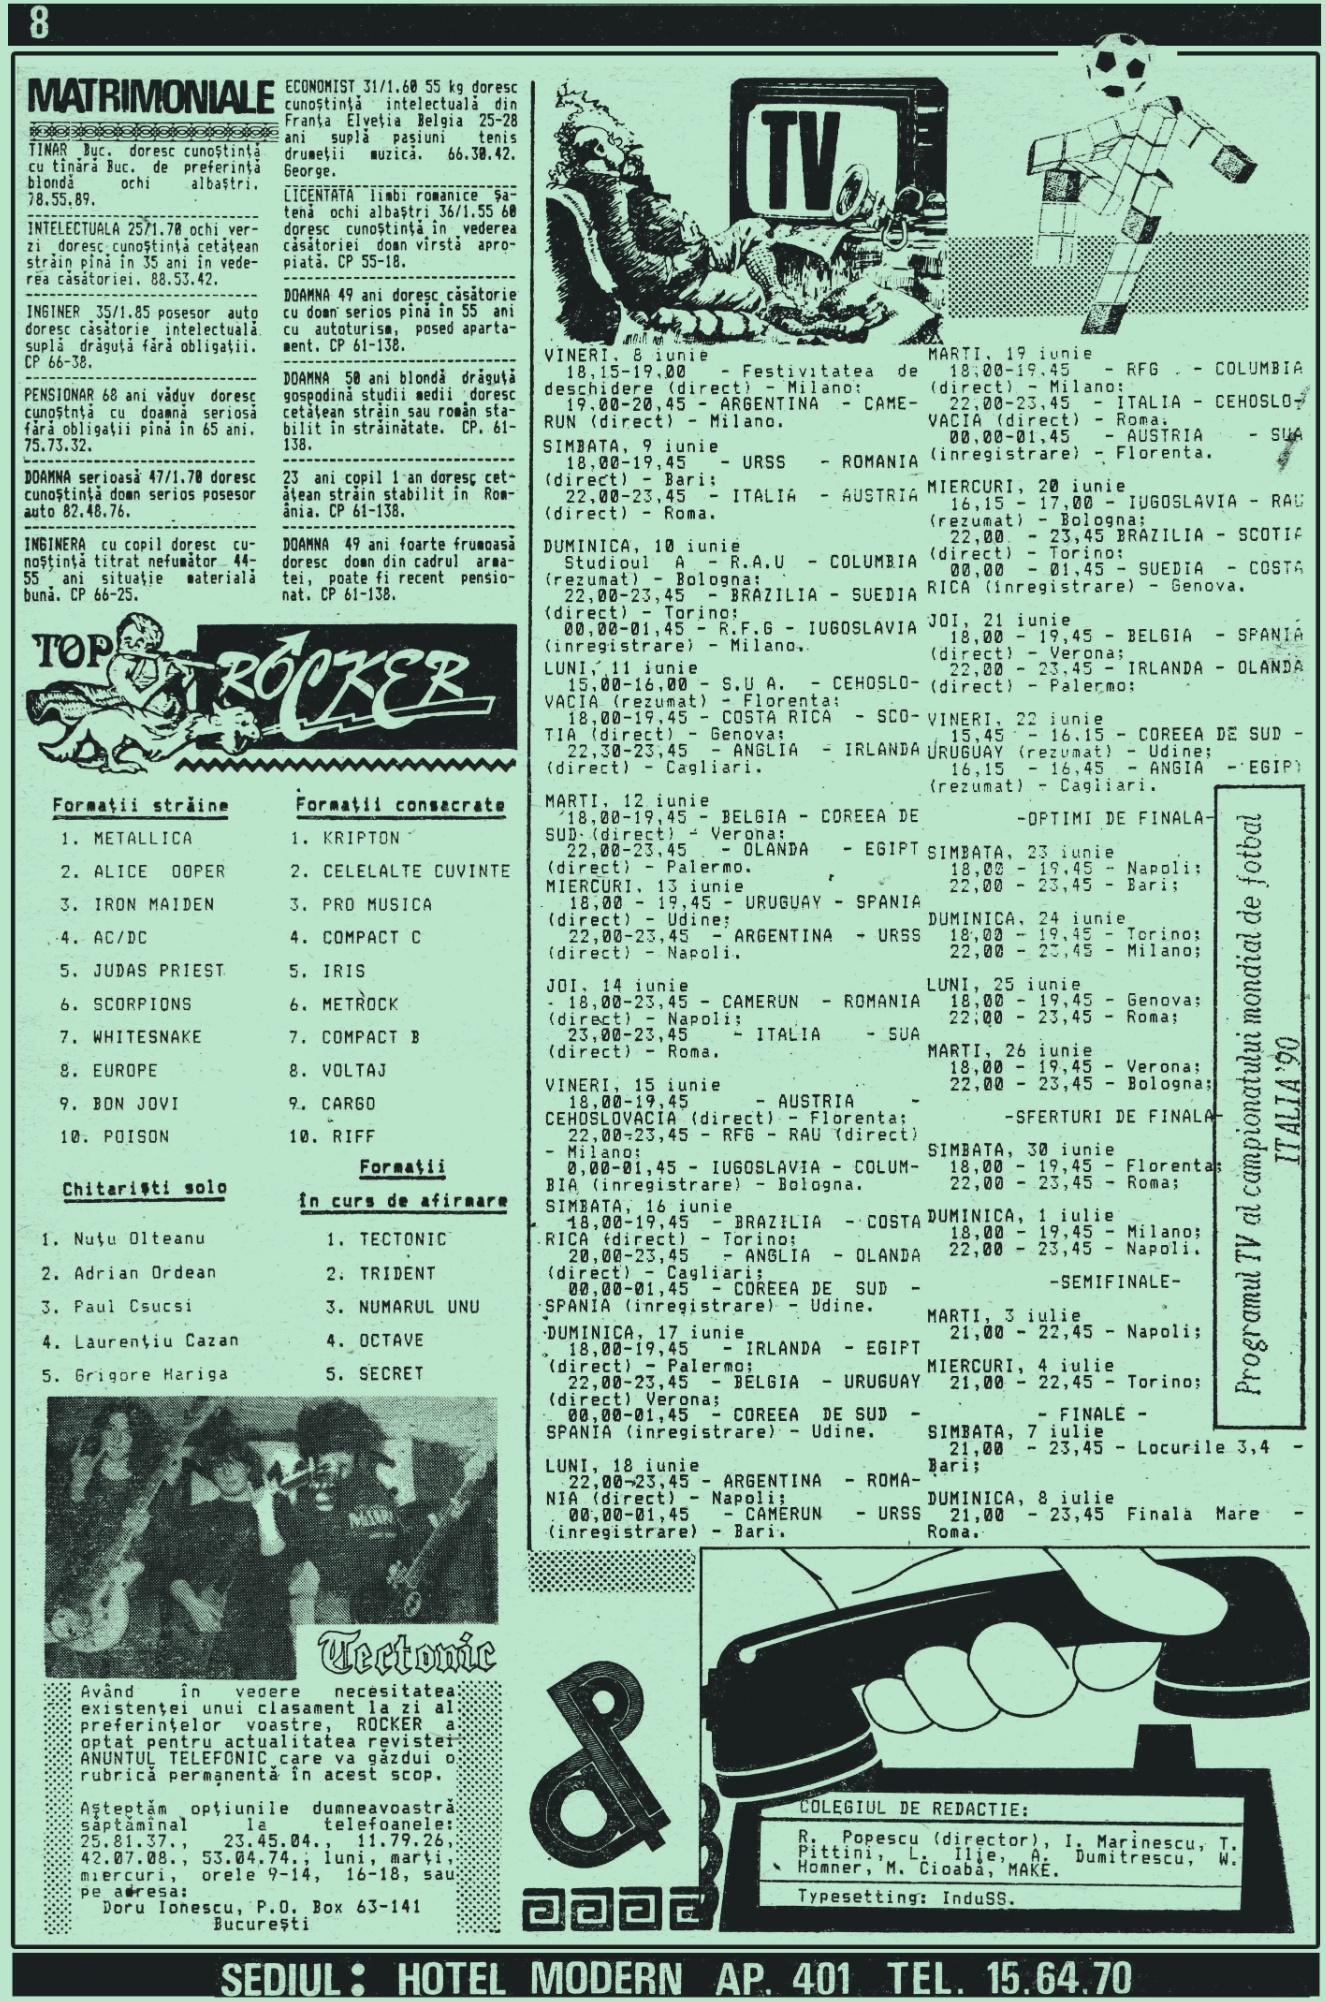 ziar specializat de anunturi